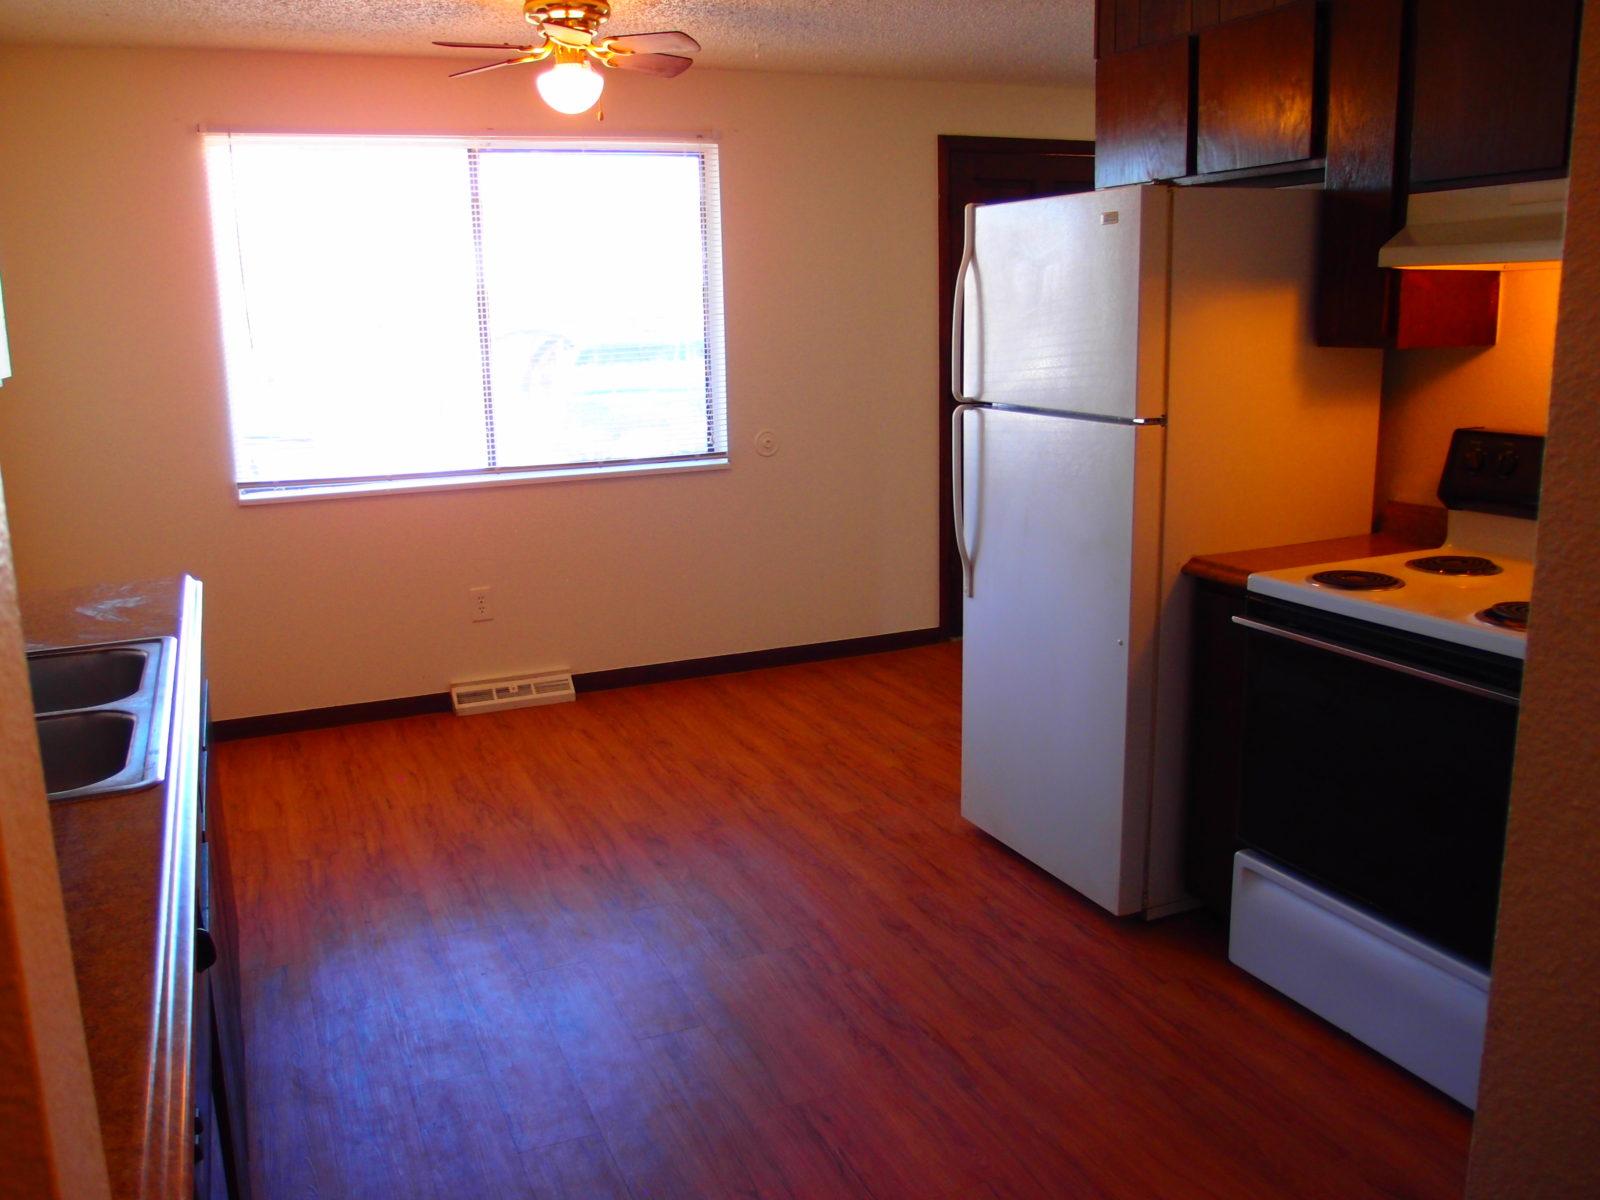 2168 Dexter Kitchen 3